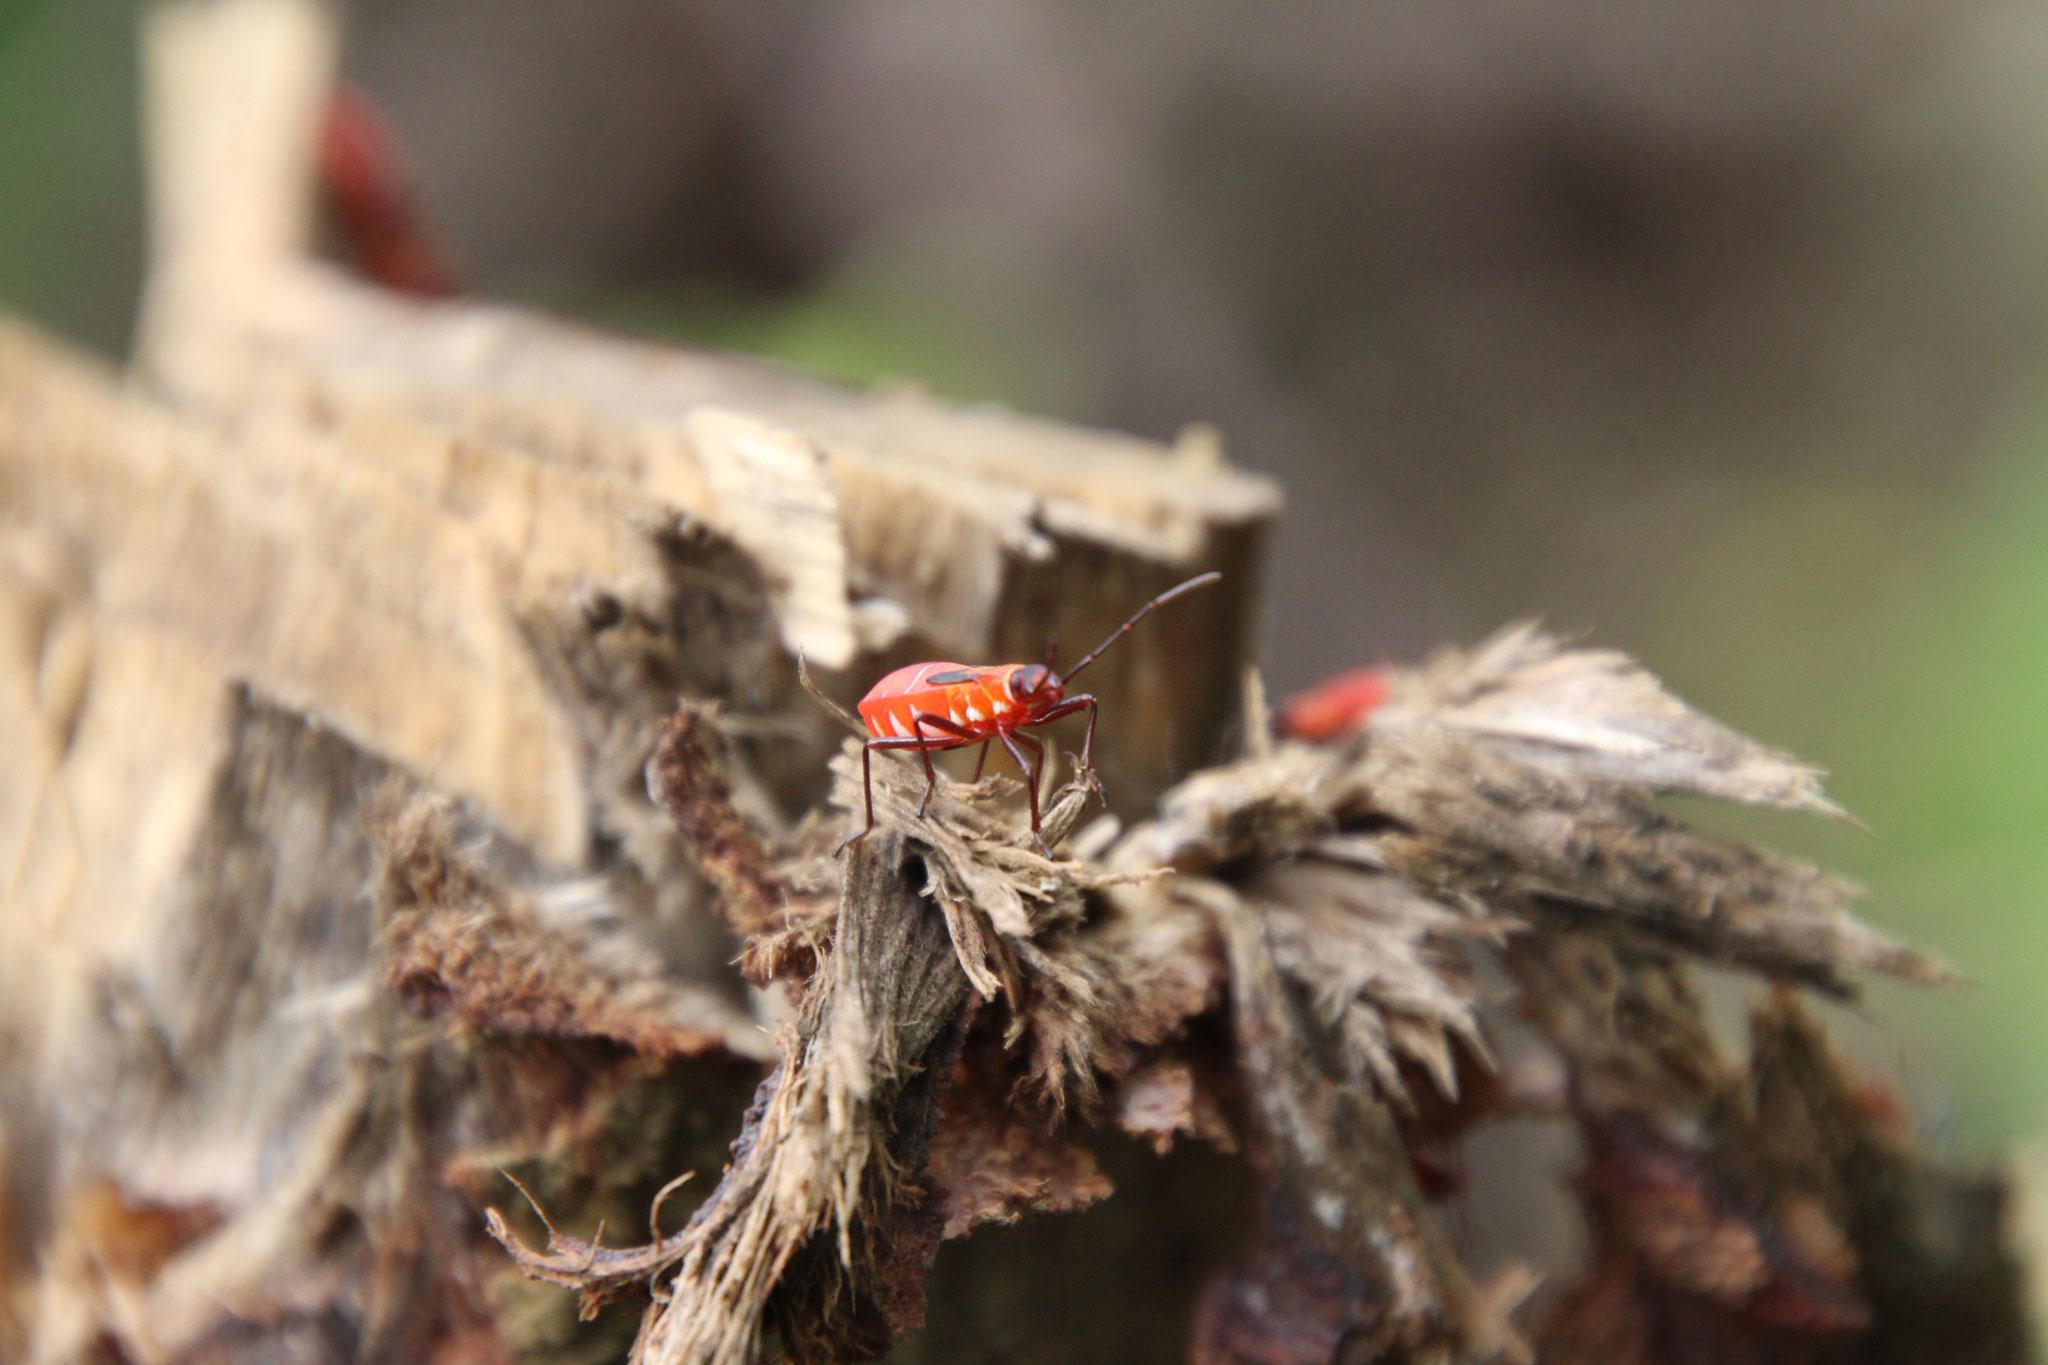 Dieses Insekt ist etwa 5 mm lang